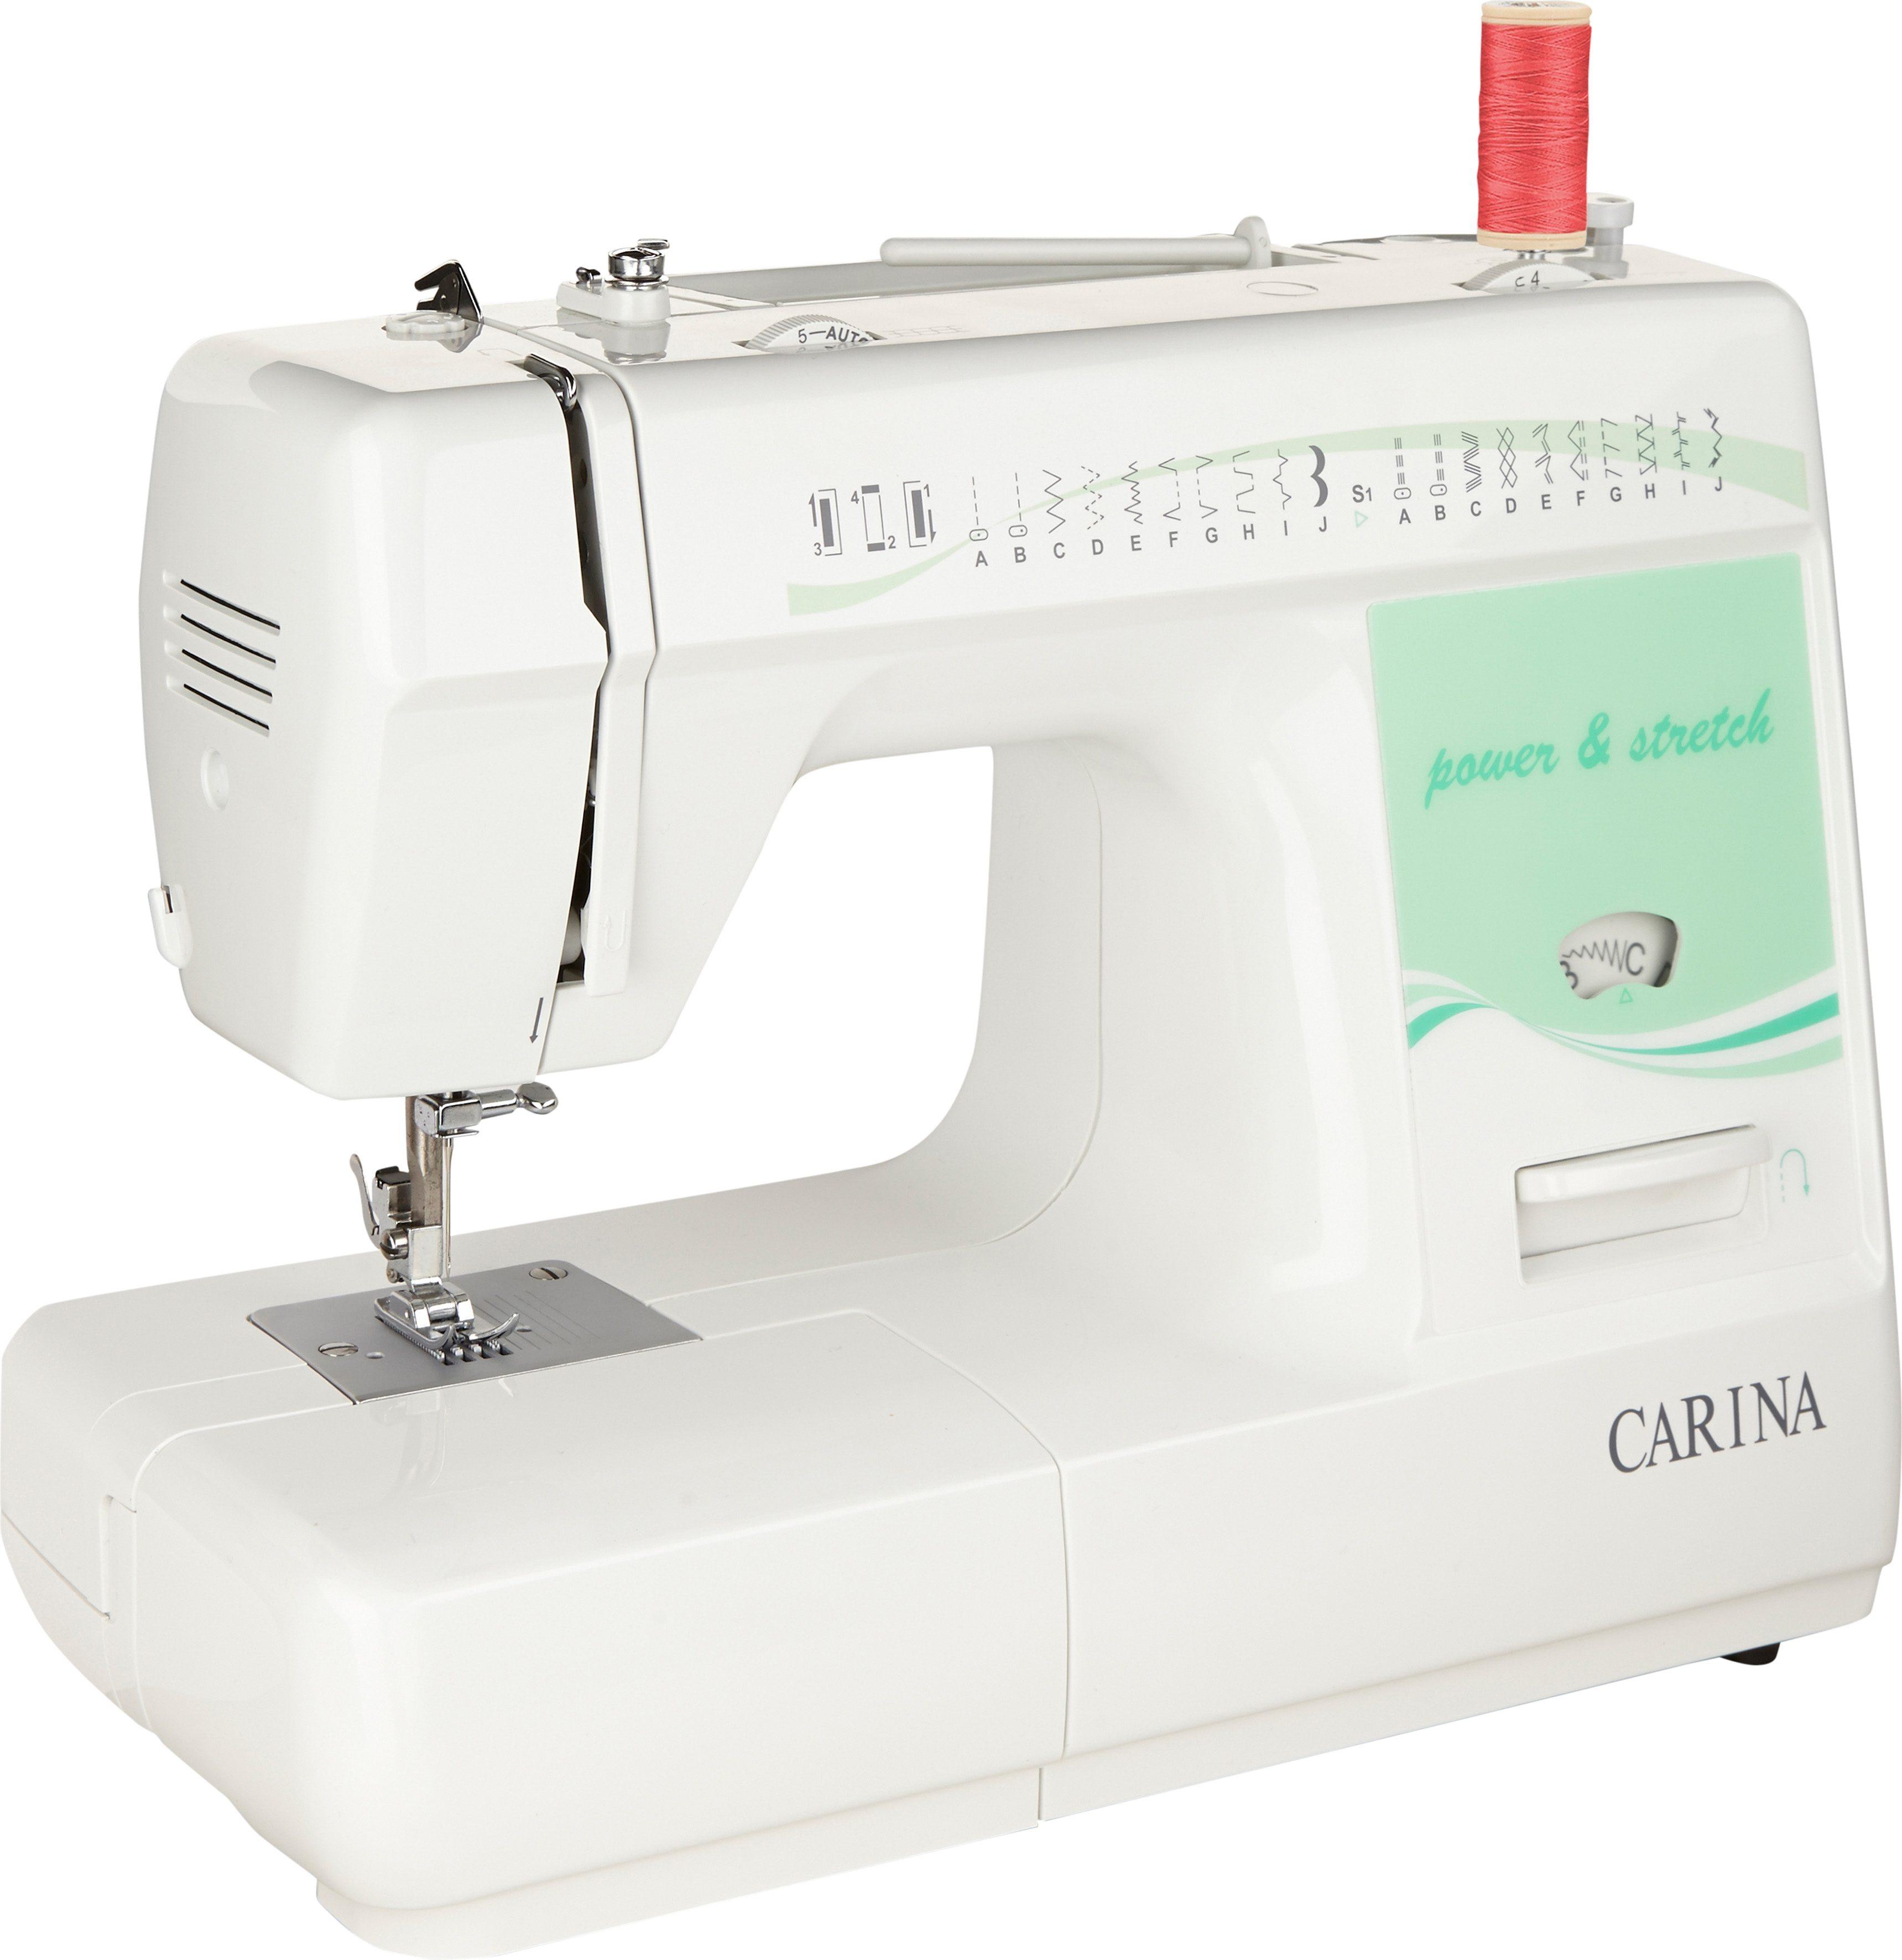 Carina Nähmaschine Power & Stretch, 24 Nähprogramme | Flur & Diele > Haushaltsgeräte > Strick und Nähmaschinen | Weiß | CARINA